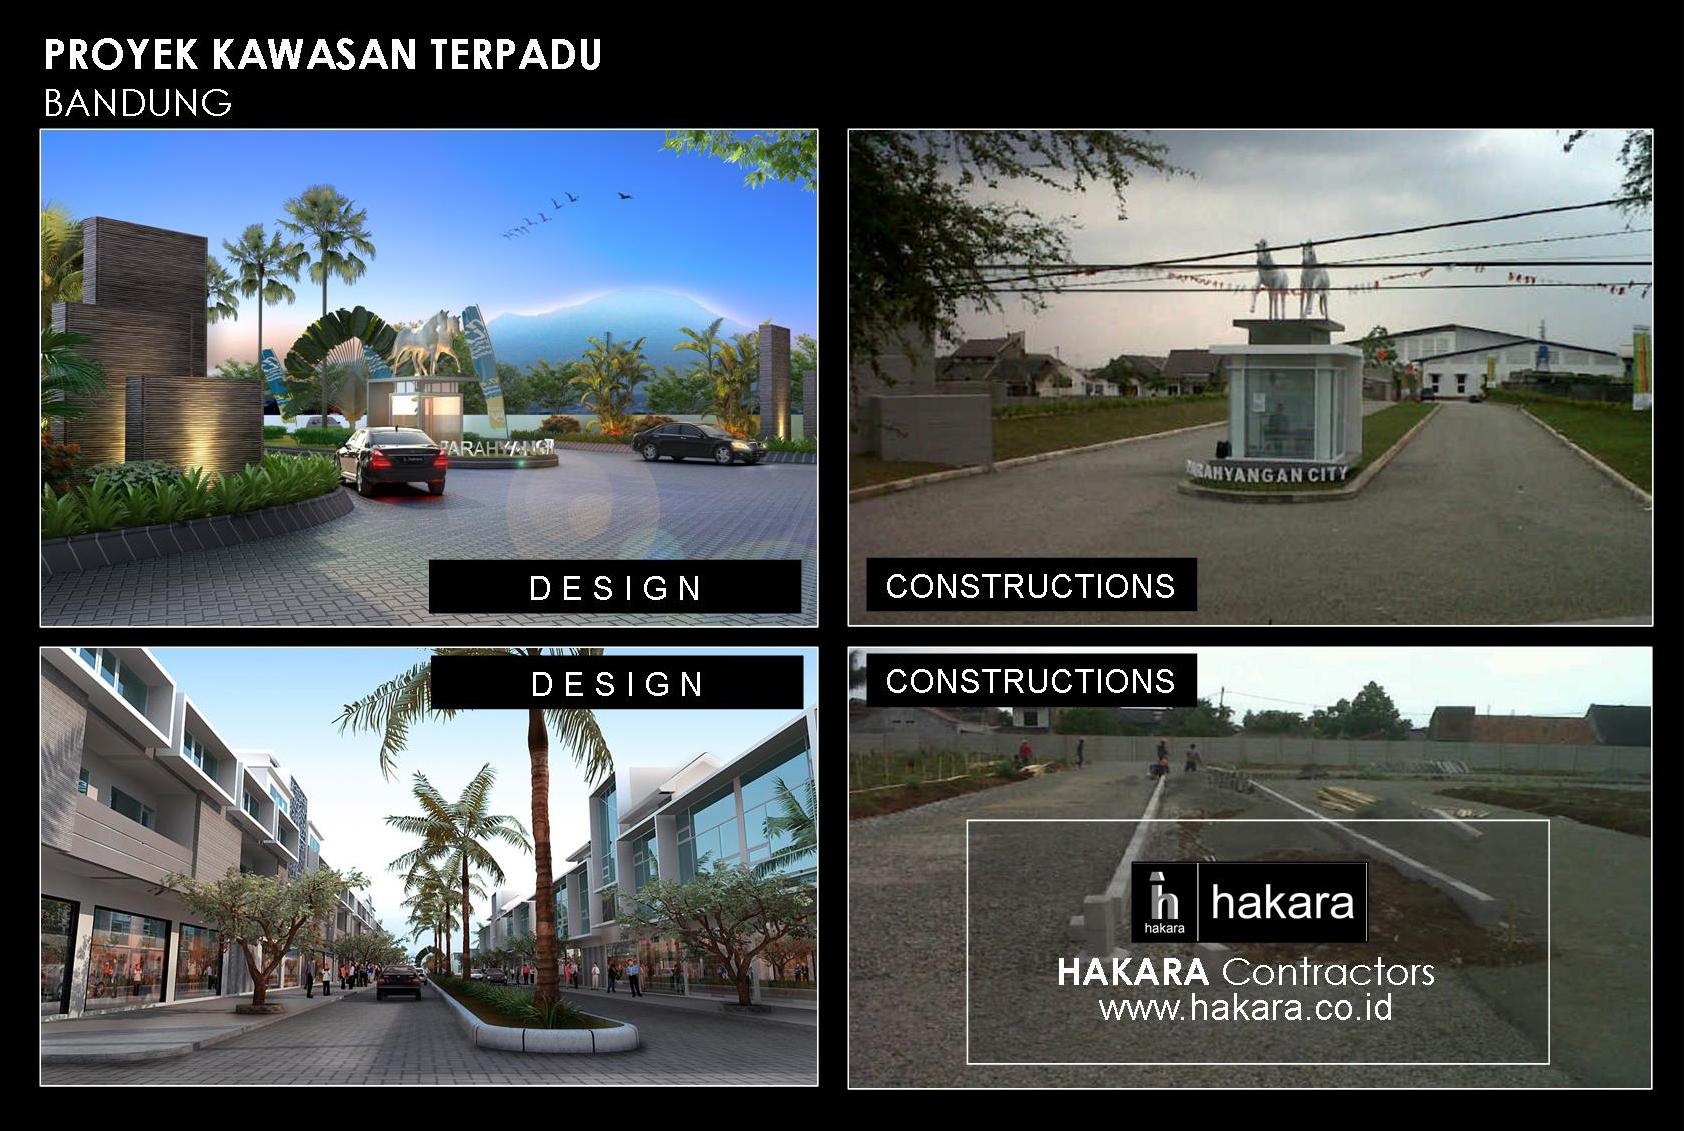 Hakara Contractors